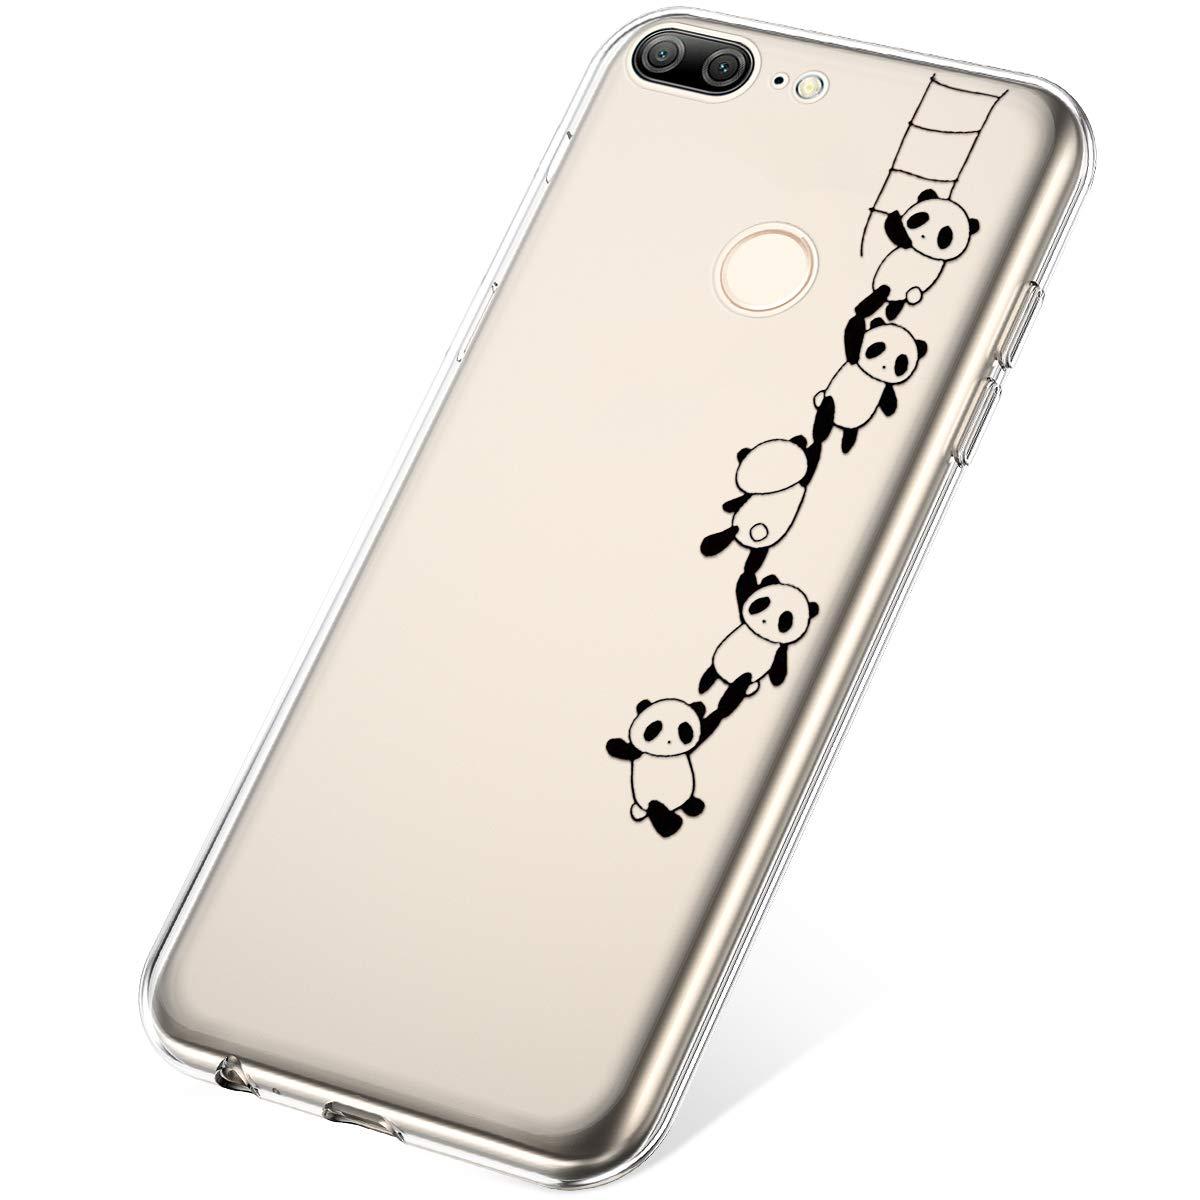 Felfy Kompatibel mit Huawei Honor 9 Lite Handyh/ülle Transparent Silikon D/ünn Weiche TPU Case Ultra D/ünn Anti-Scratch Sto/ßfest Kratzfest Durchsichtig H/üllen Schutzh/ülle,Mandala